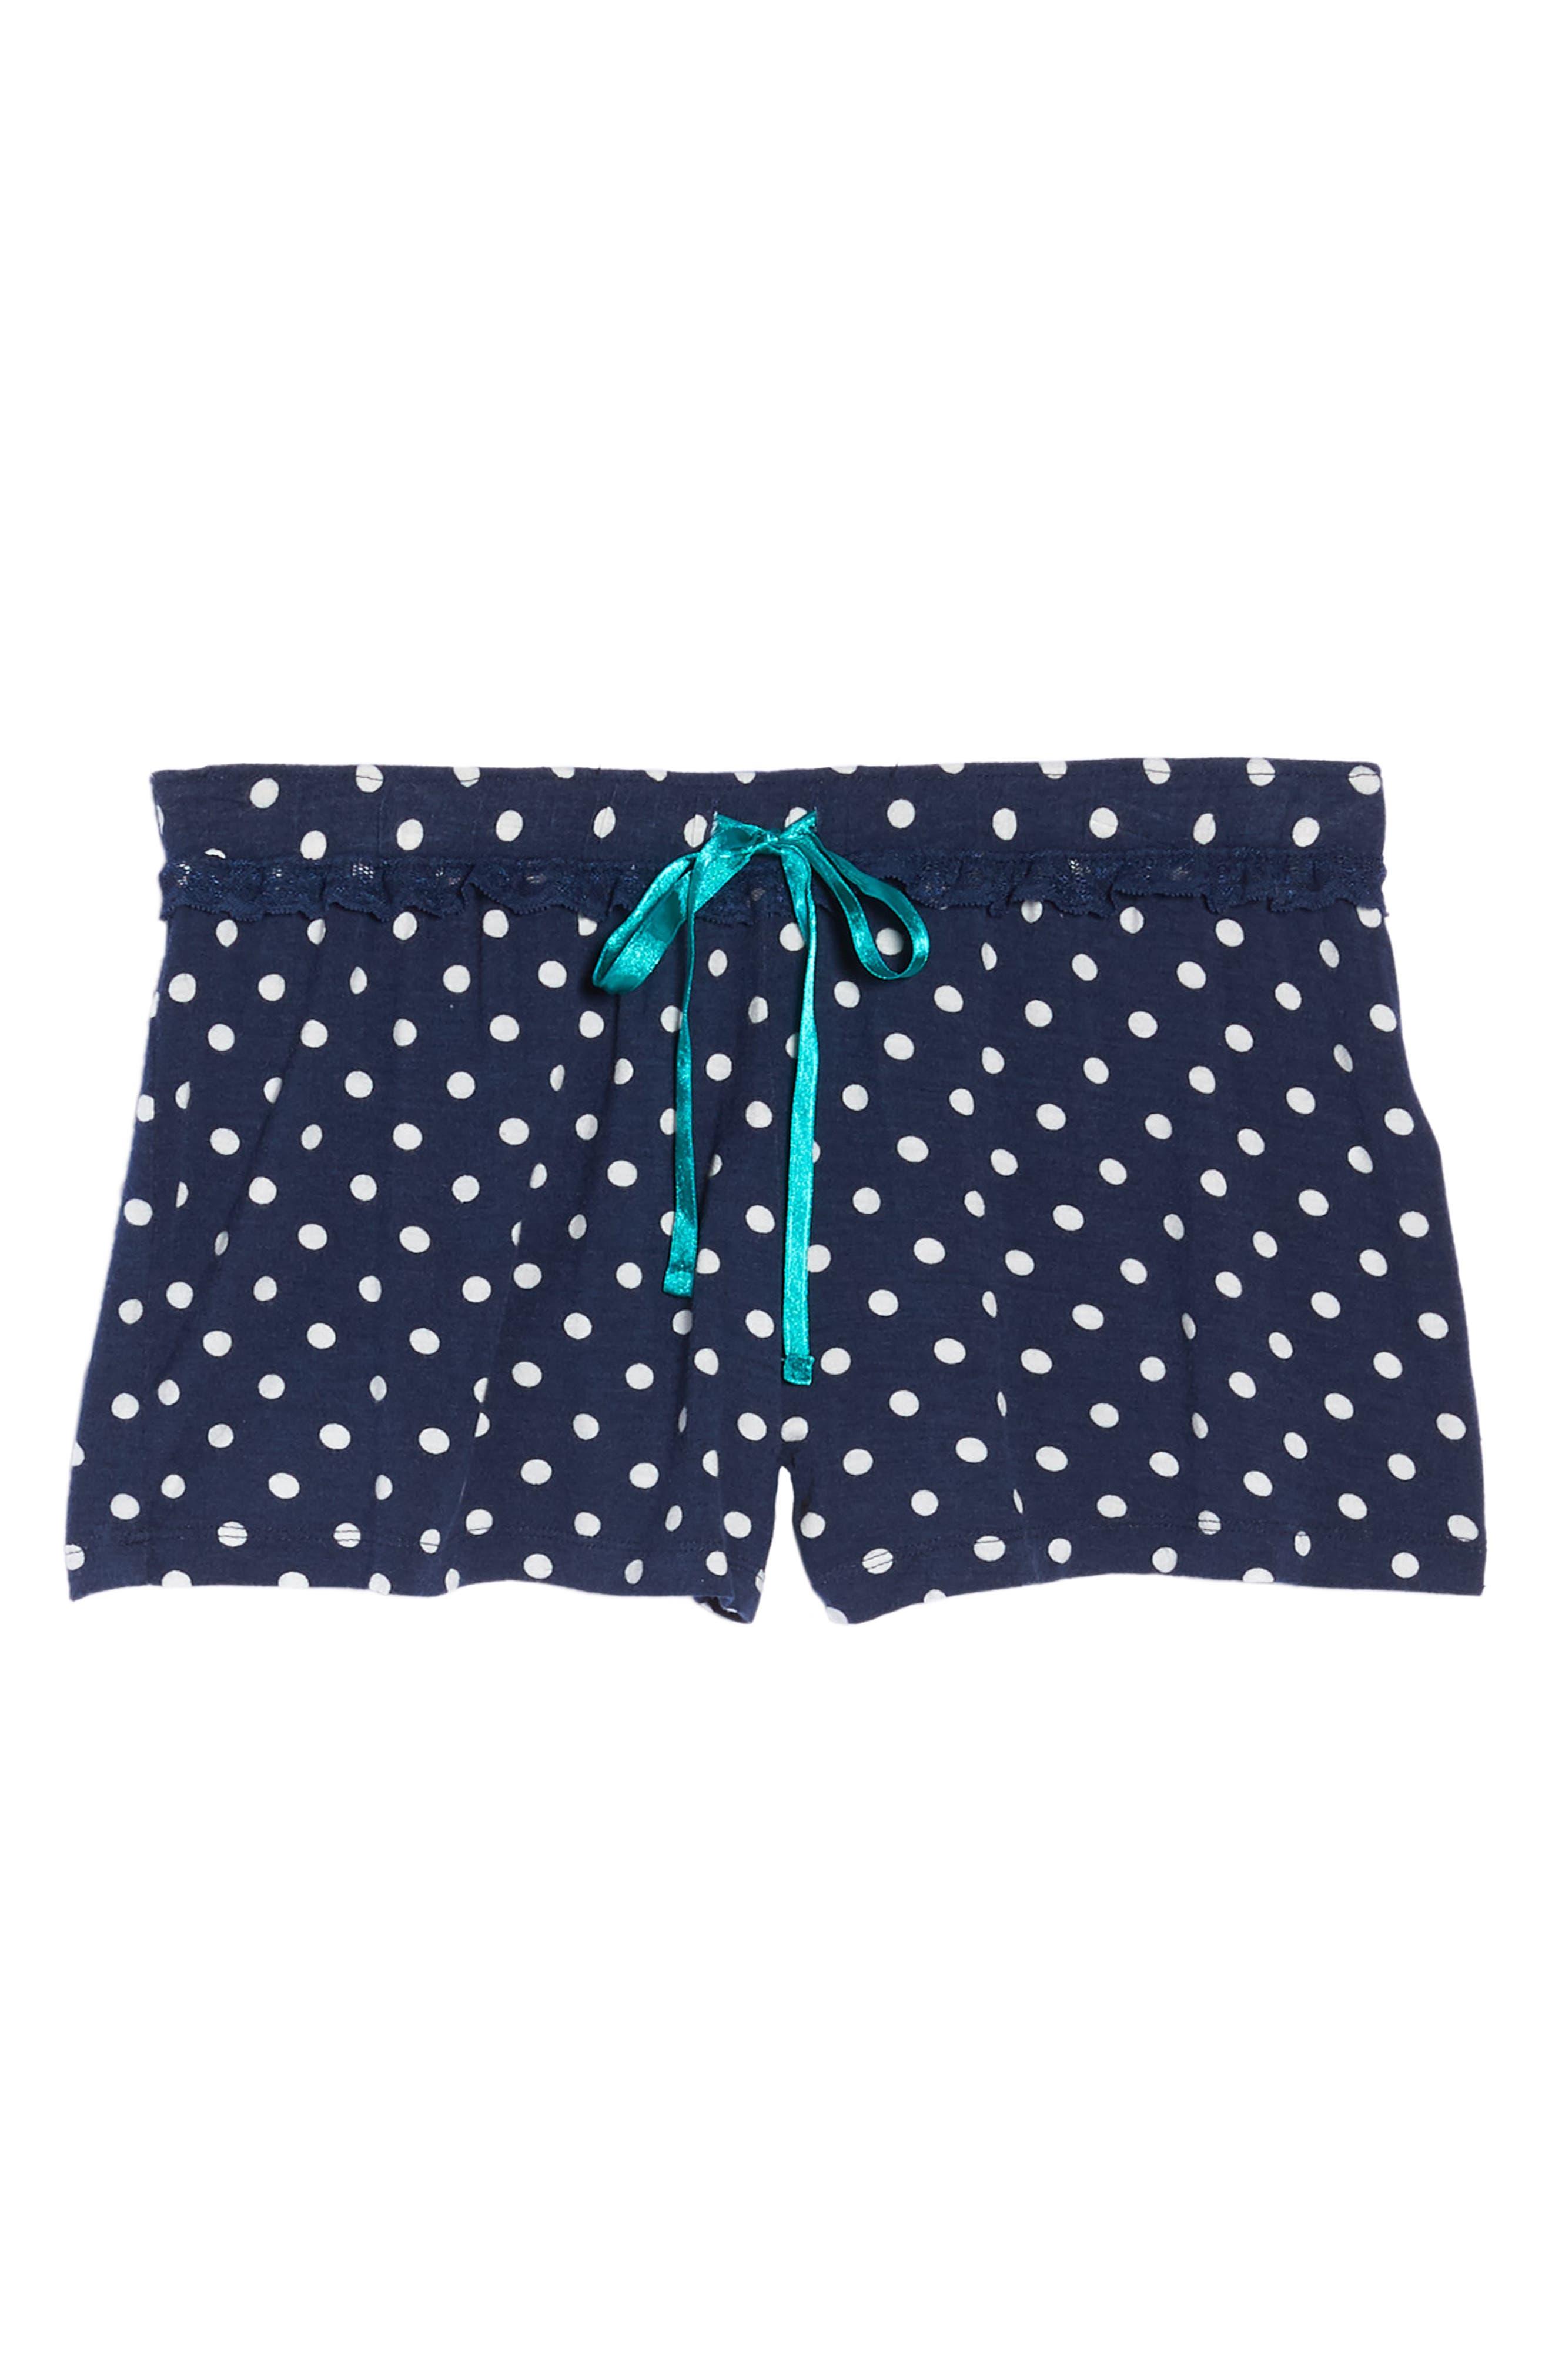 Pajama Shorts,                             Alternate thumbnail 6, color,                             Navy